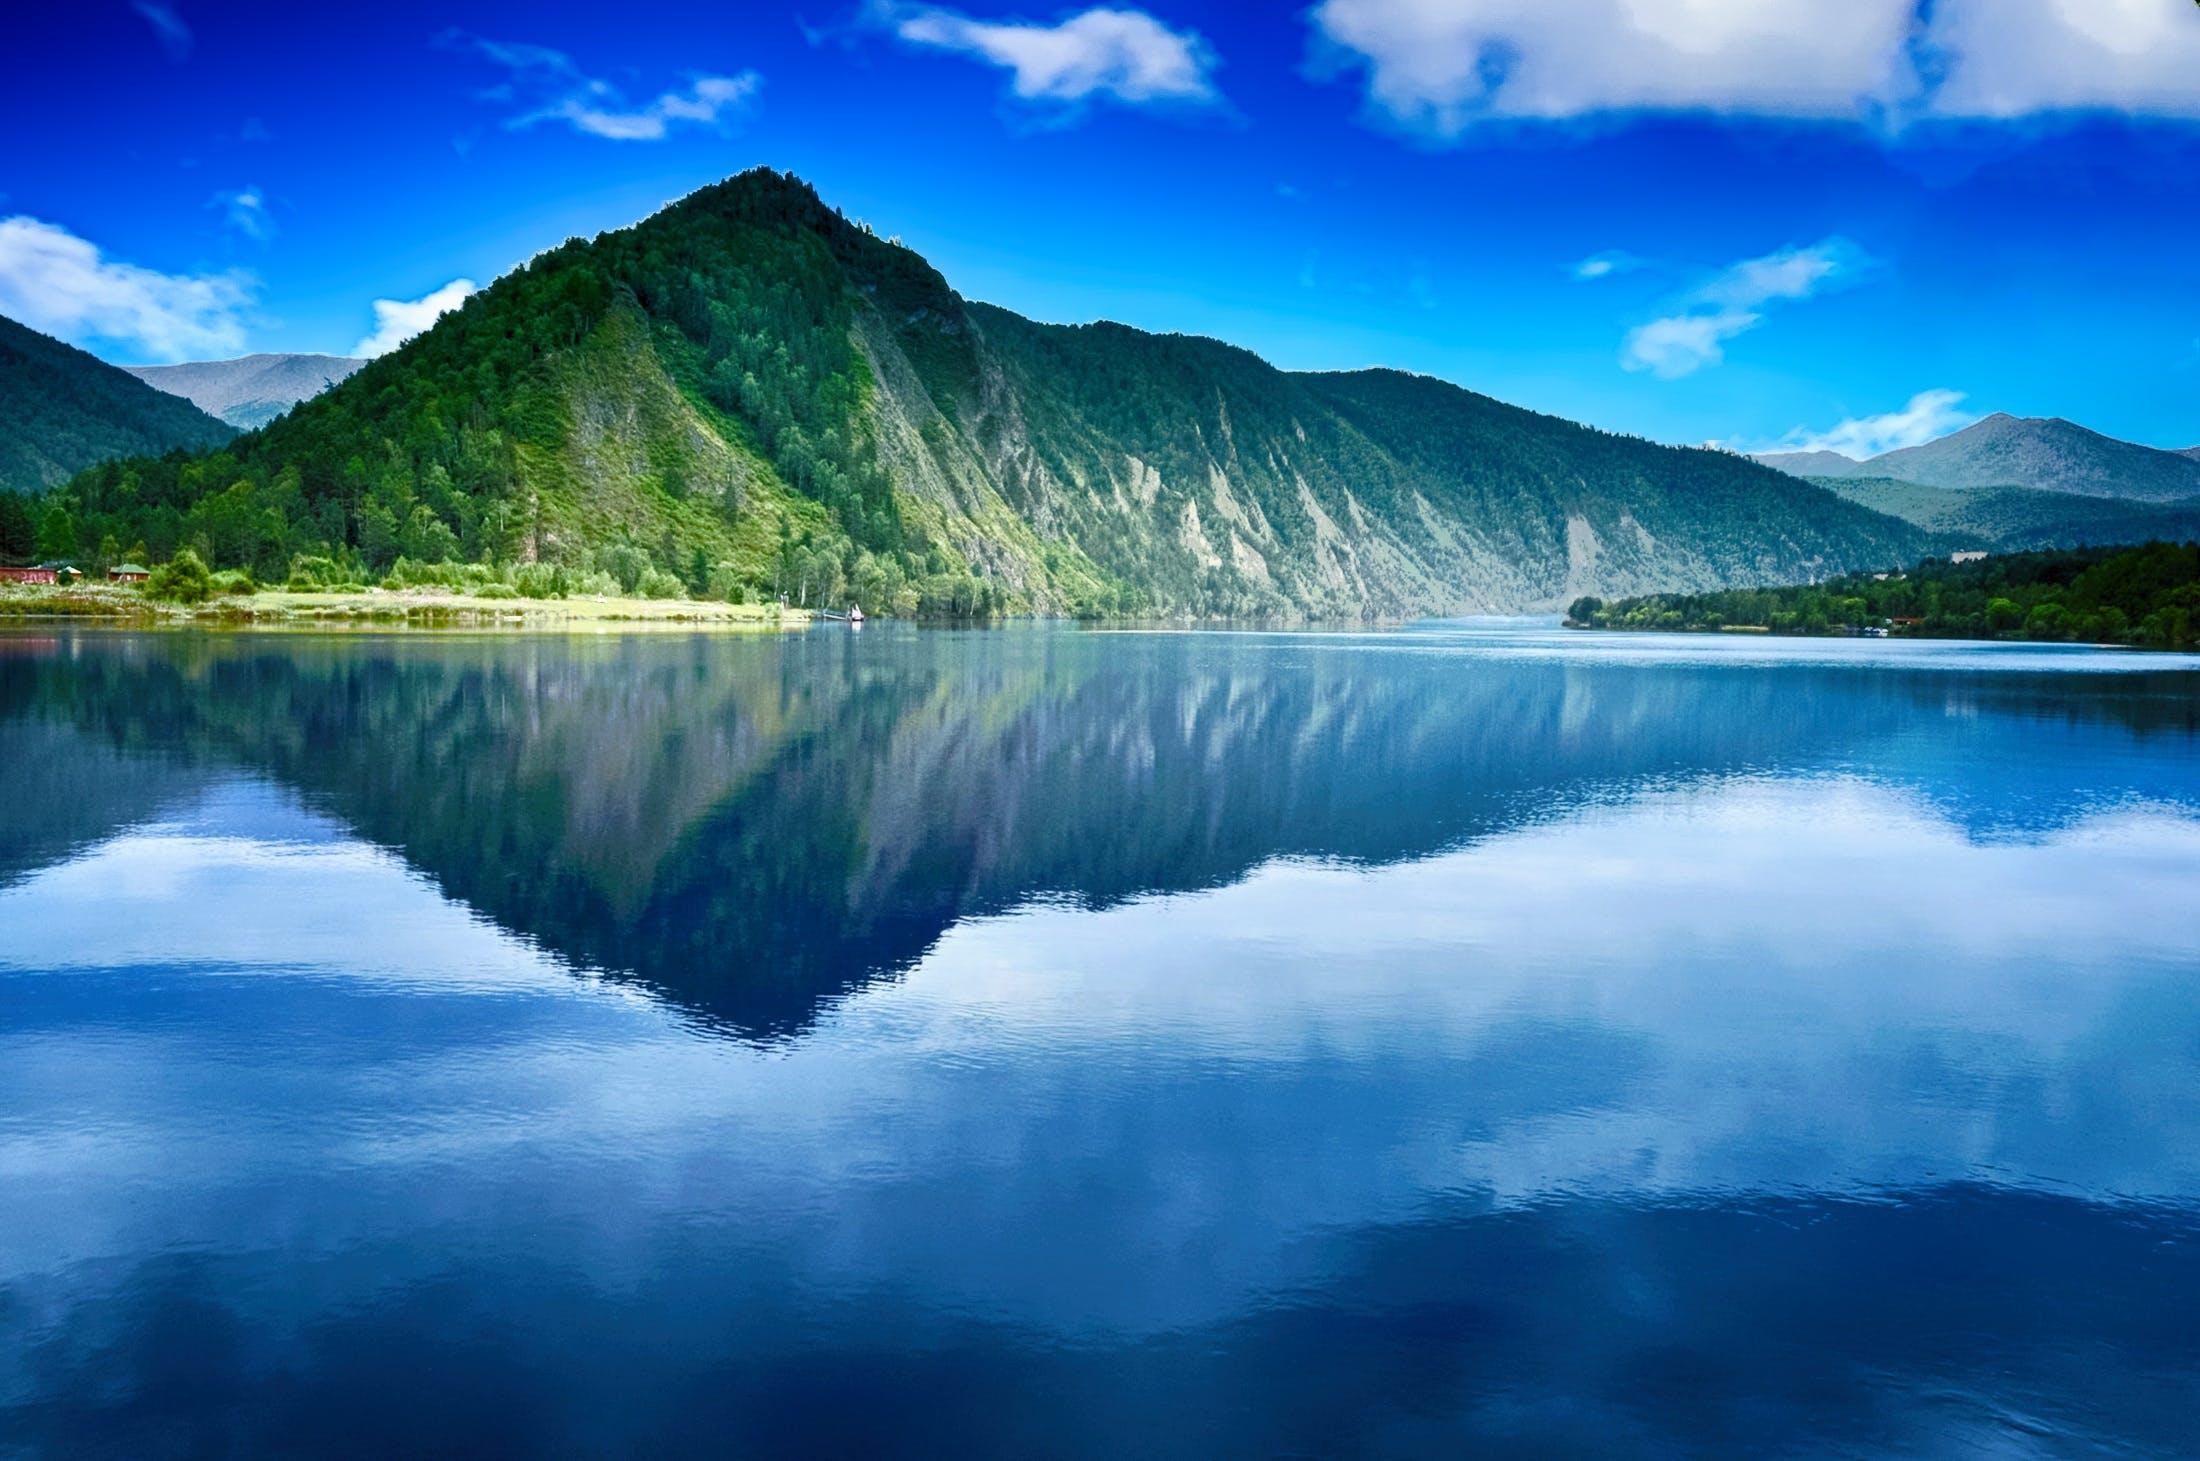 bulutlar, dağlar, doğa, görkemli içeren Ücretsiz stok fotoğraf